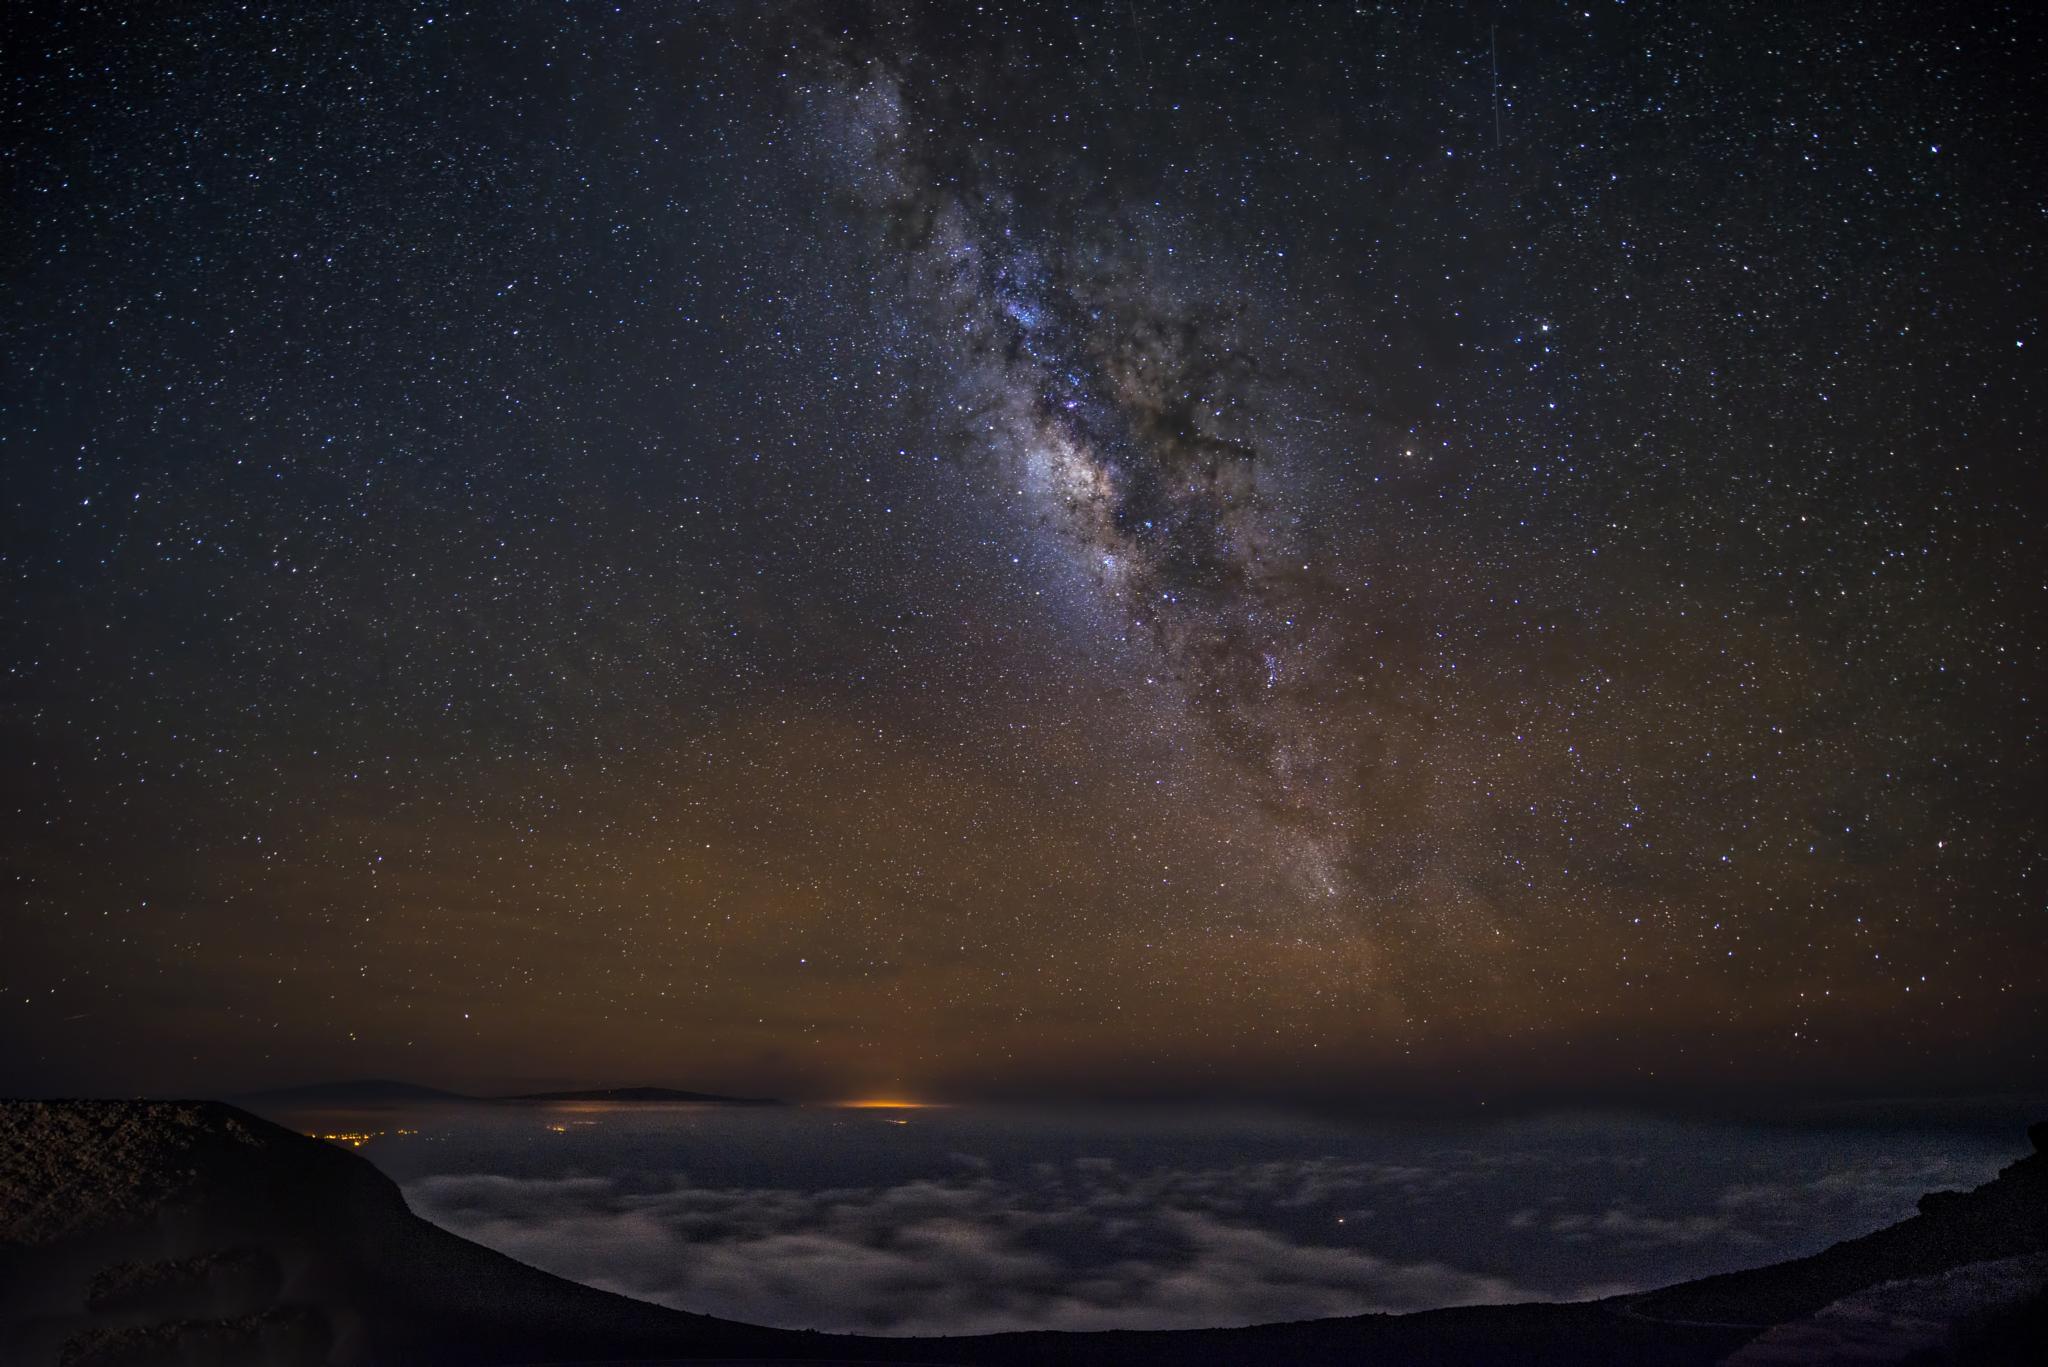 Milky Way by Dennis Hoffbuhr